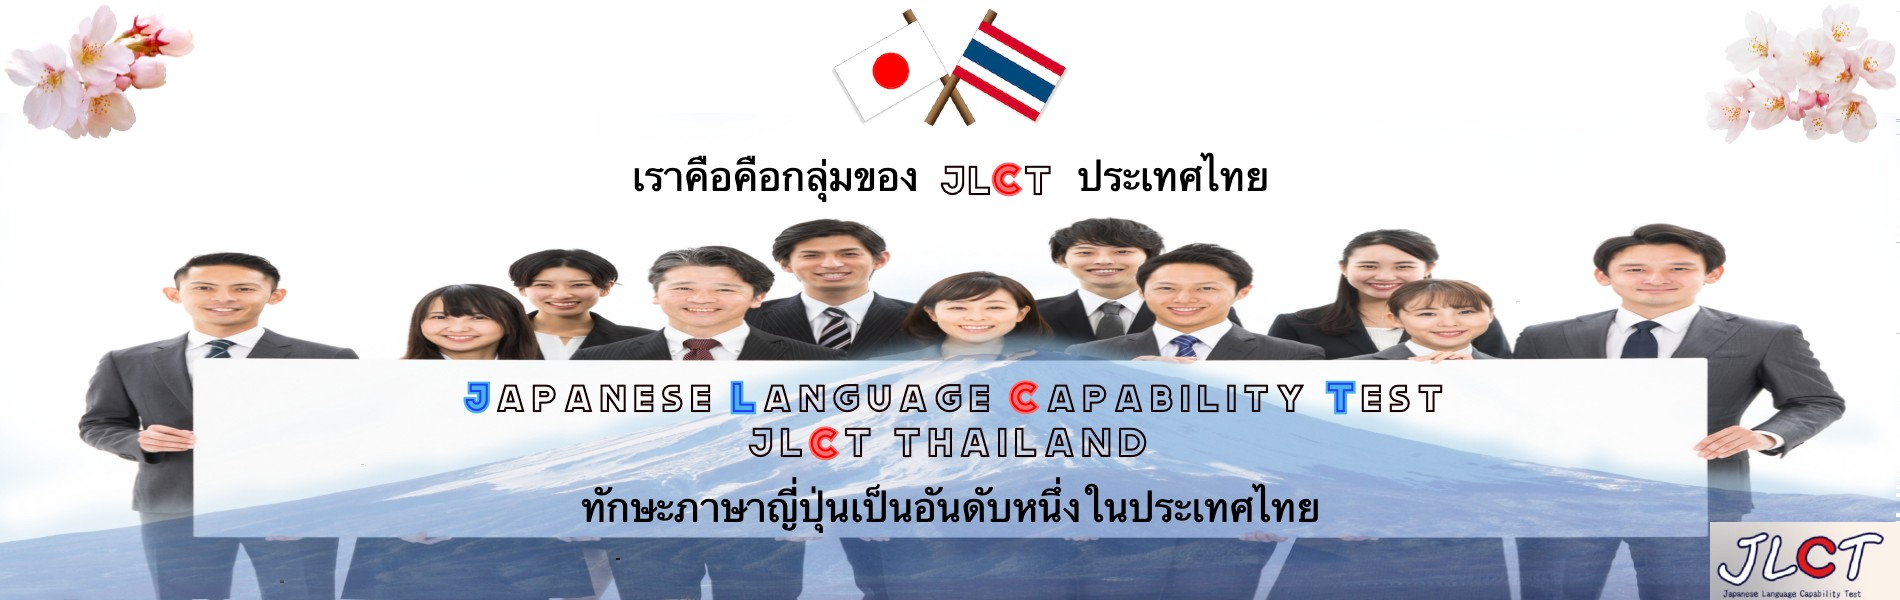 JLCT THAILAND